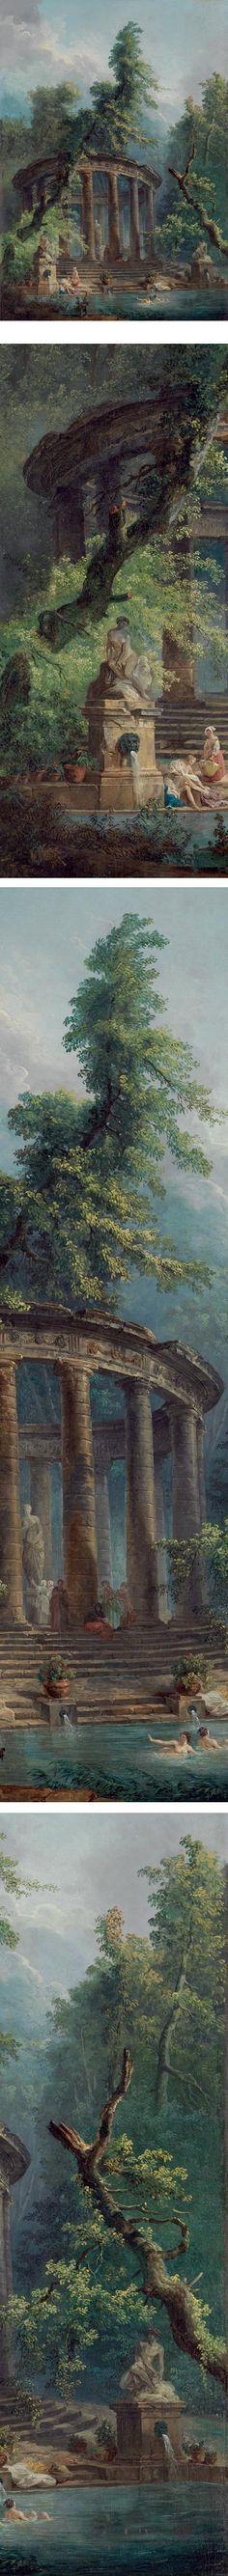 Le bassin aux baigneuses - Hubert Robert Robert, Hubert (1733-1808) entre 1777 et 1784 - Peinture sur toile Dimensions :  Hauteur 174,  Largeur 123, cm New York, The Metropolitan Museum of Art